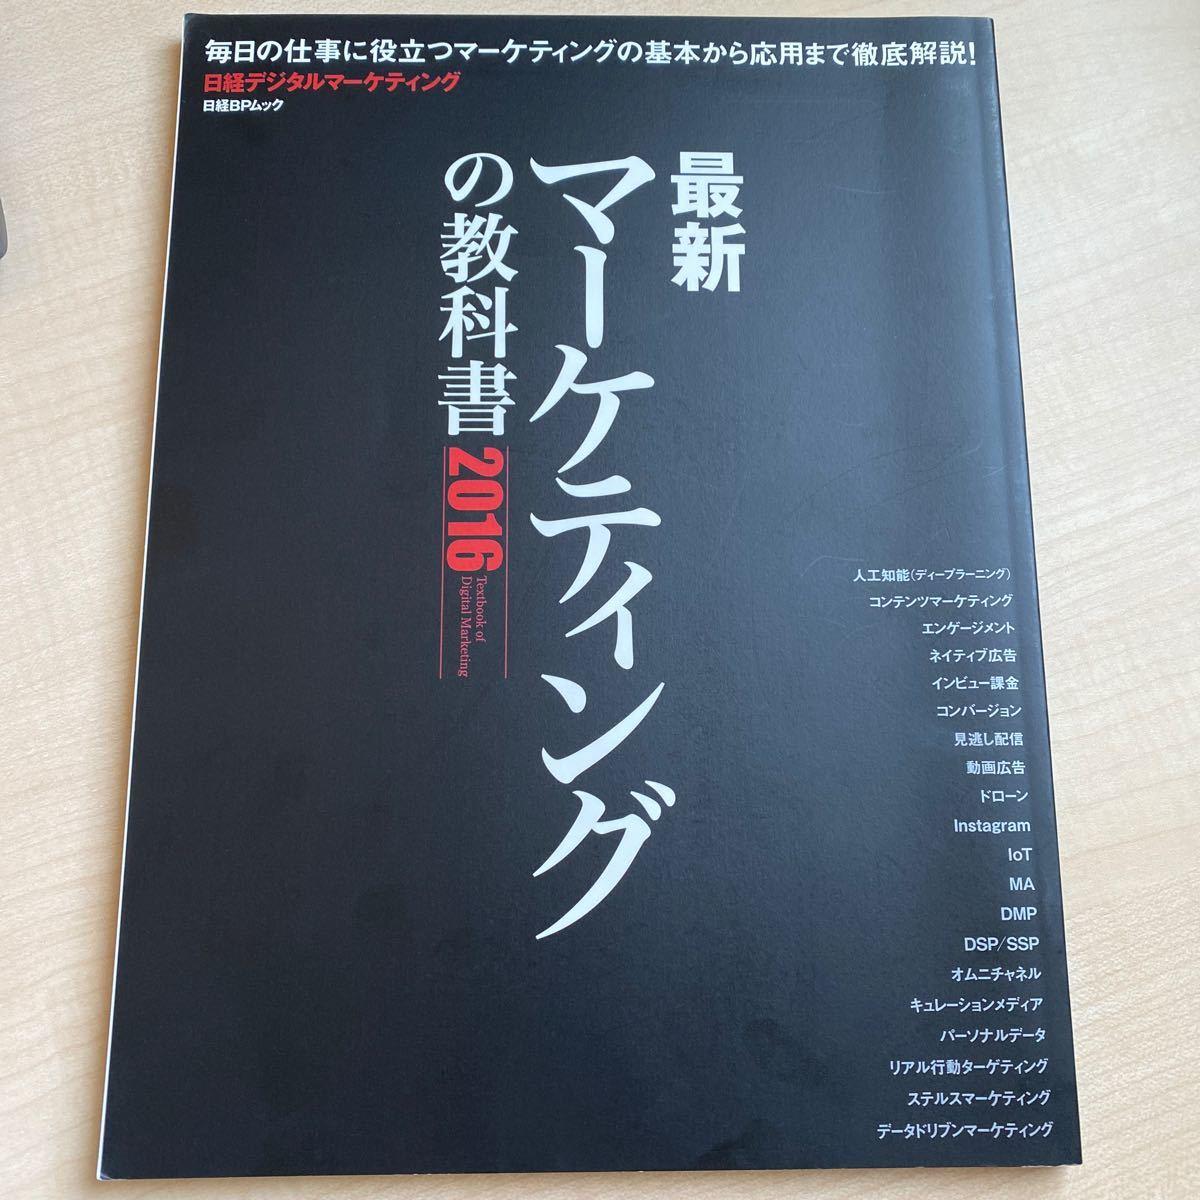 最新マーケティングの教科書 (2016) 日経BPムック/日経デジタルマーケティング (編者)